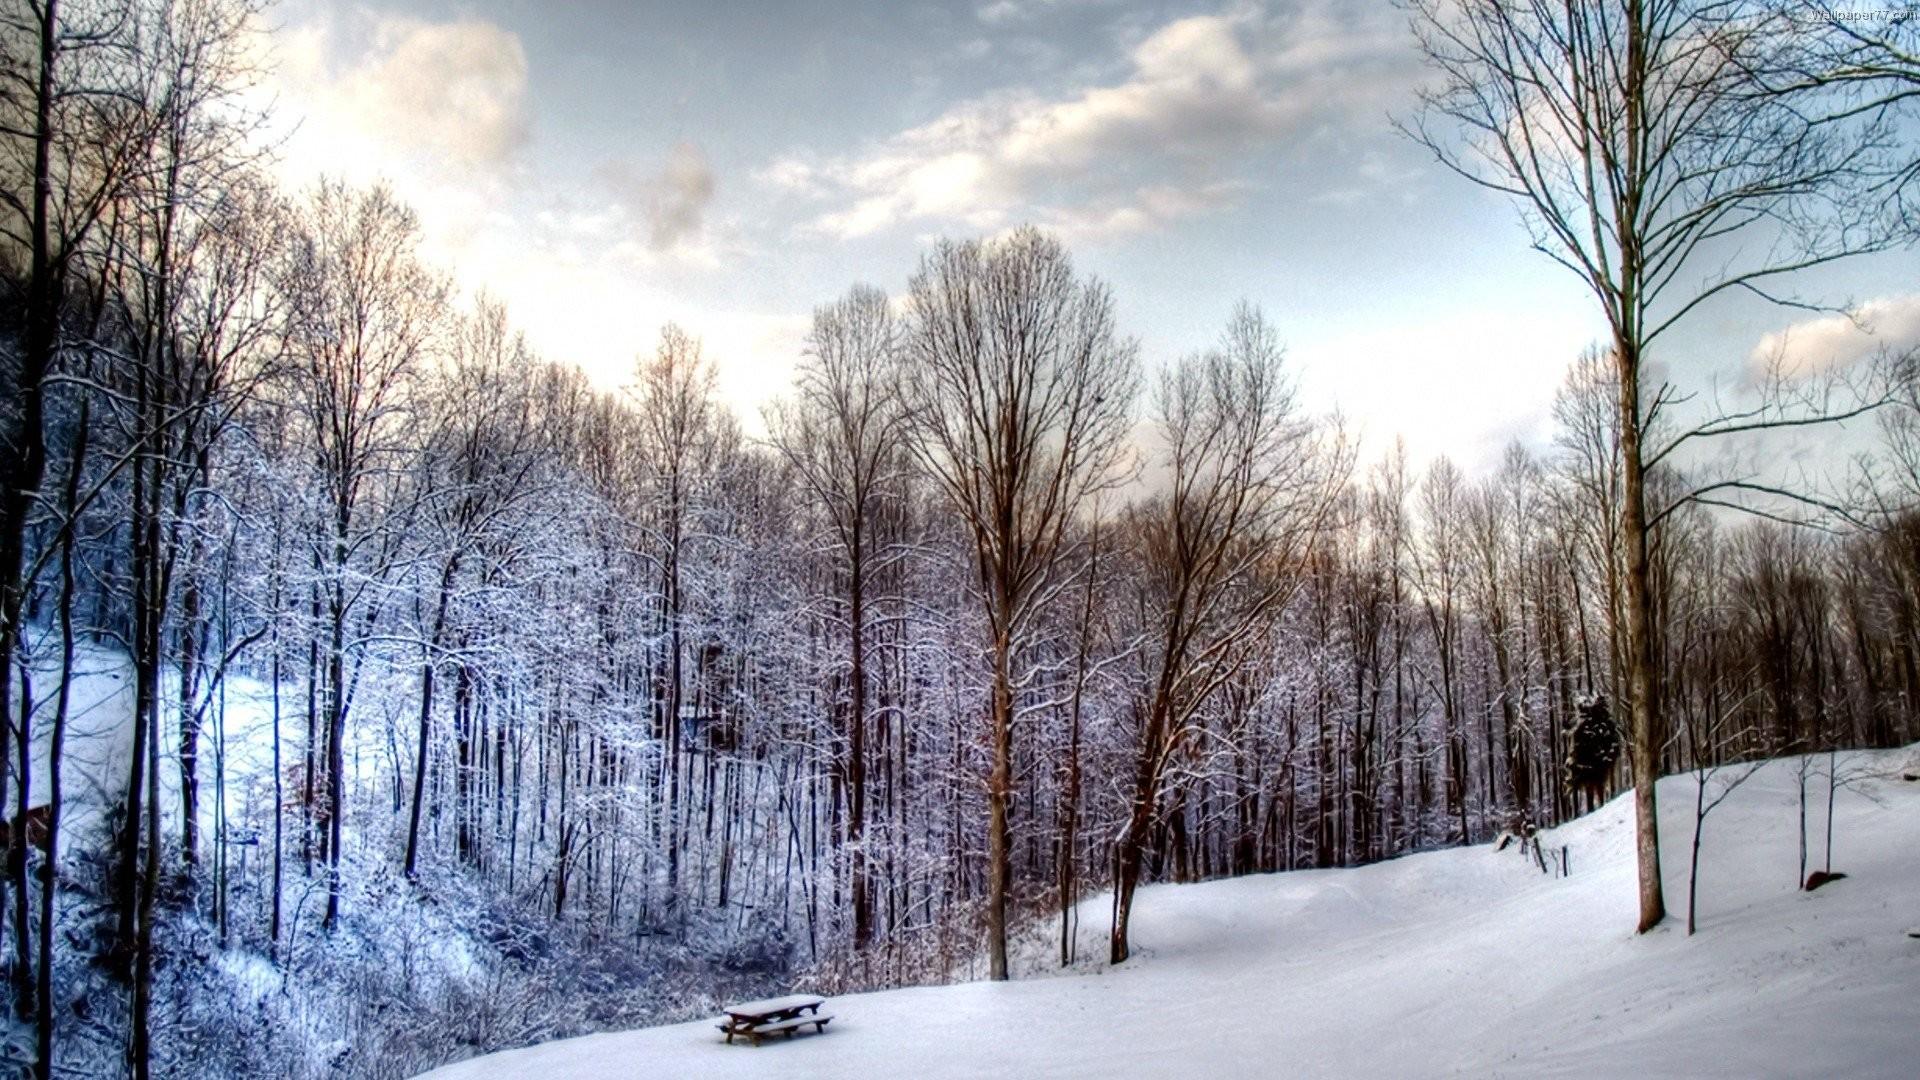 Winter Snow Scenes Wallpapers – Wallpaper Cave